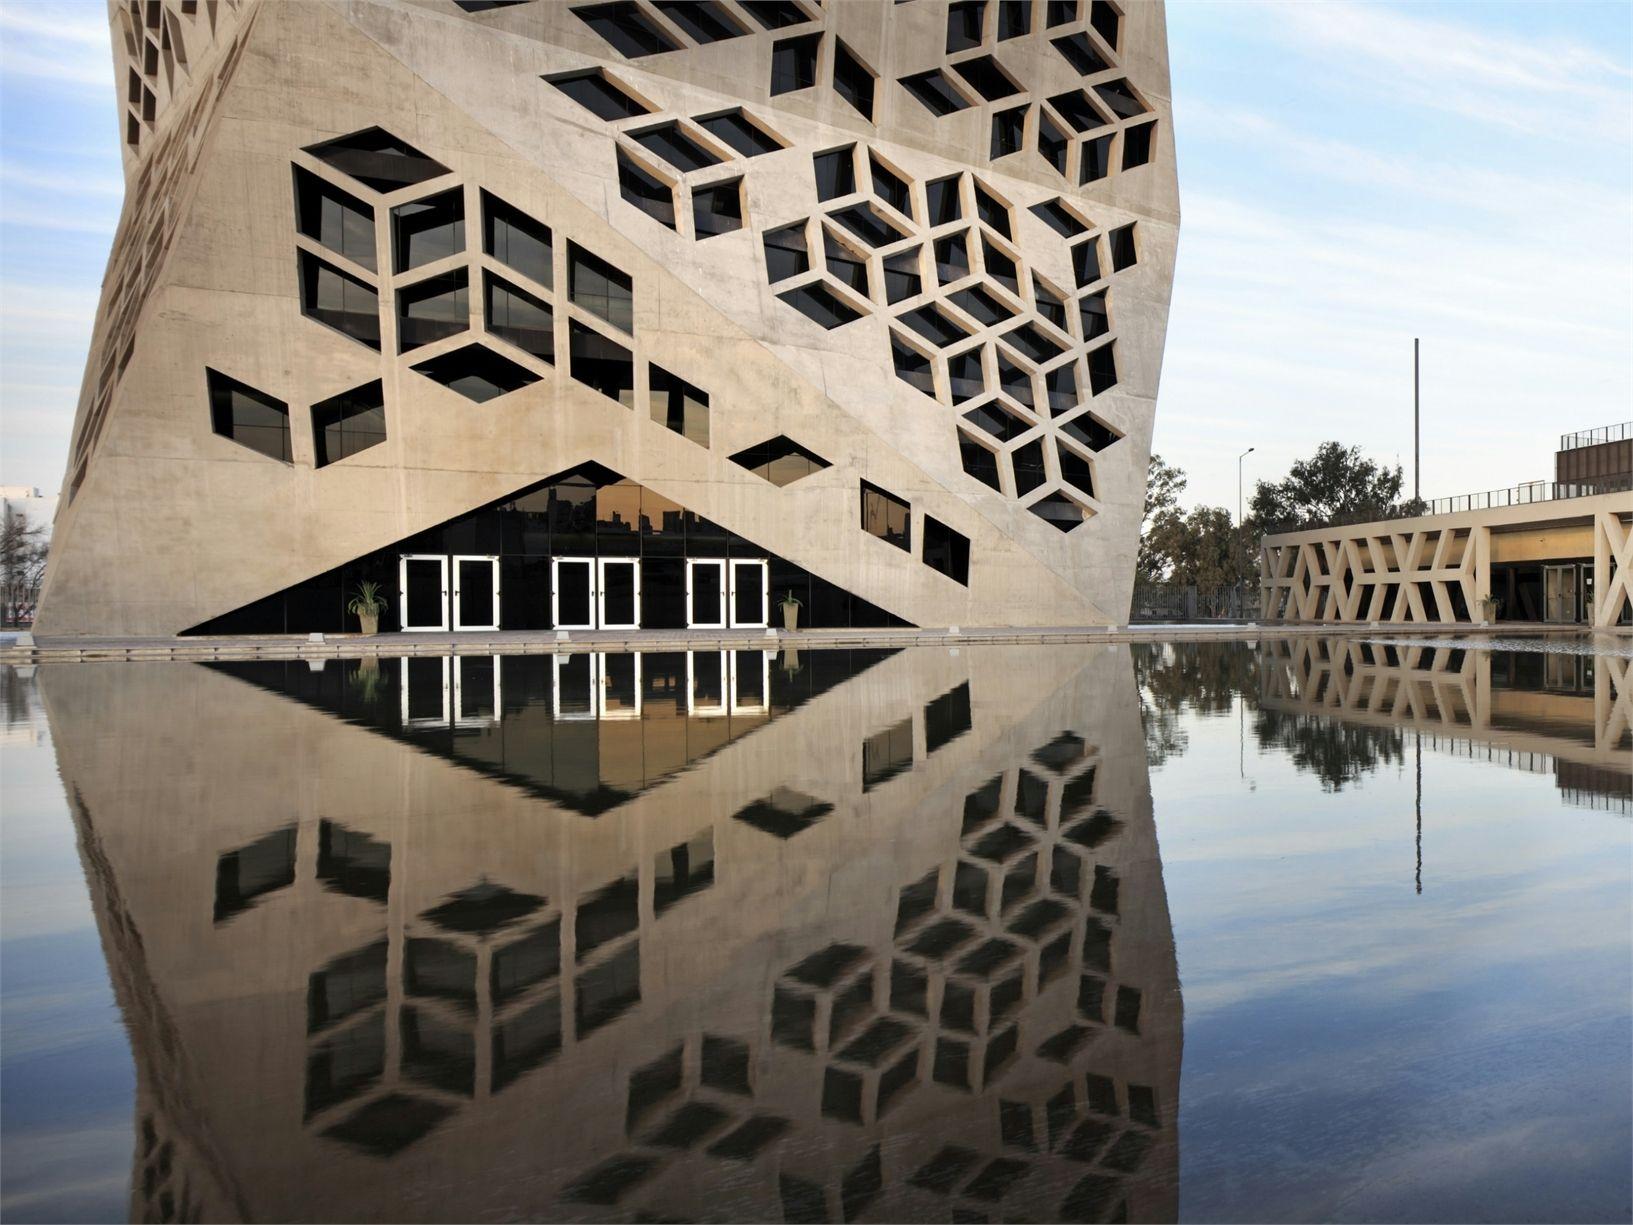 Un prisma monolitico sfaccettato per il Centro Civico di Córdoba